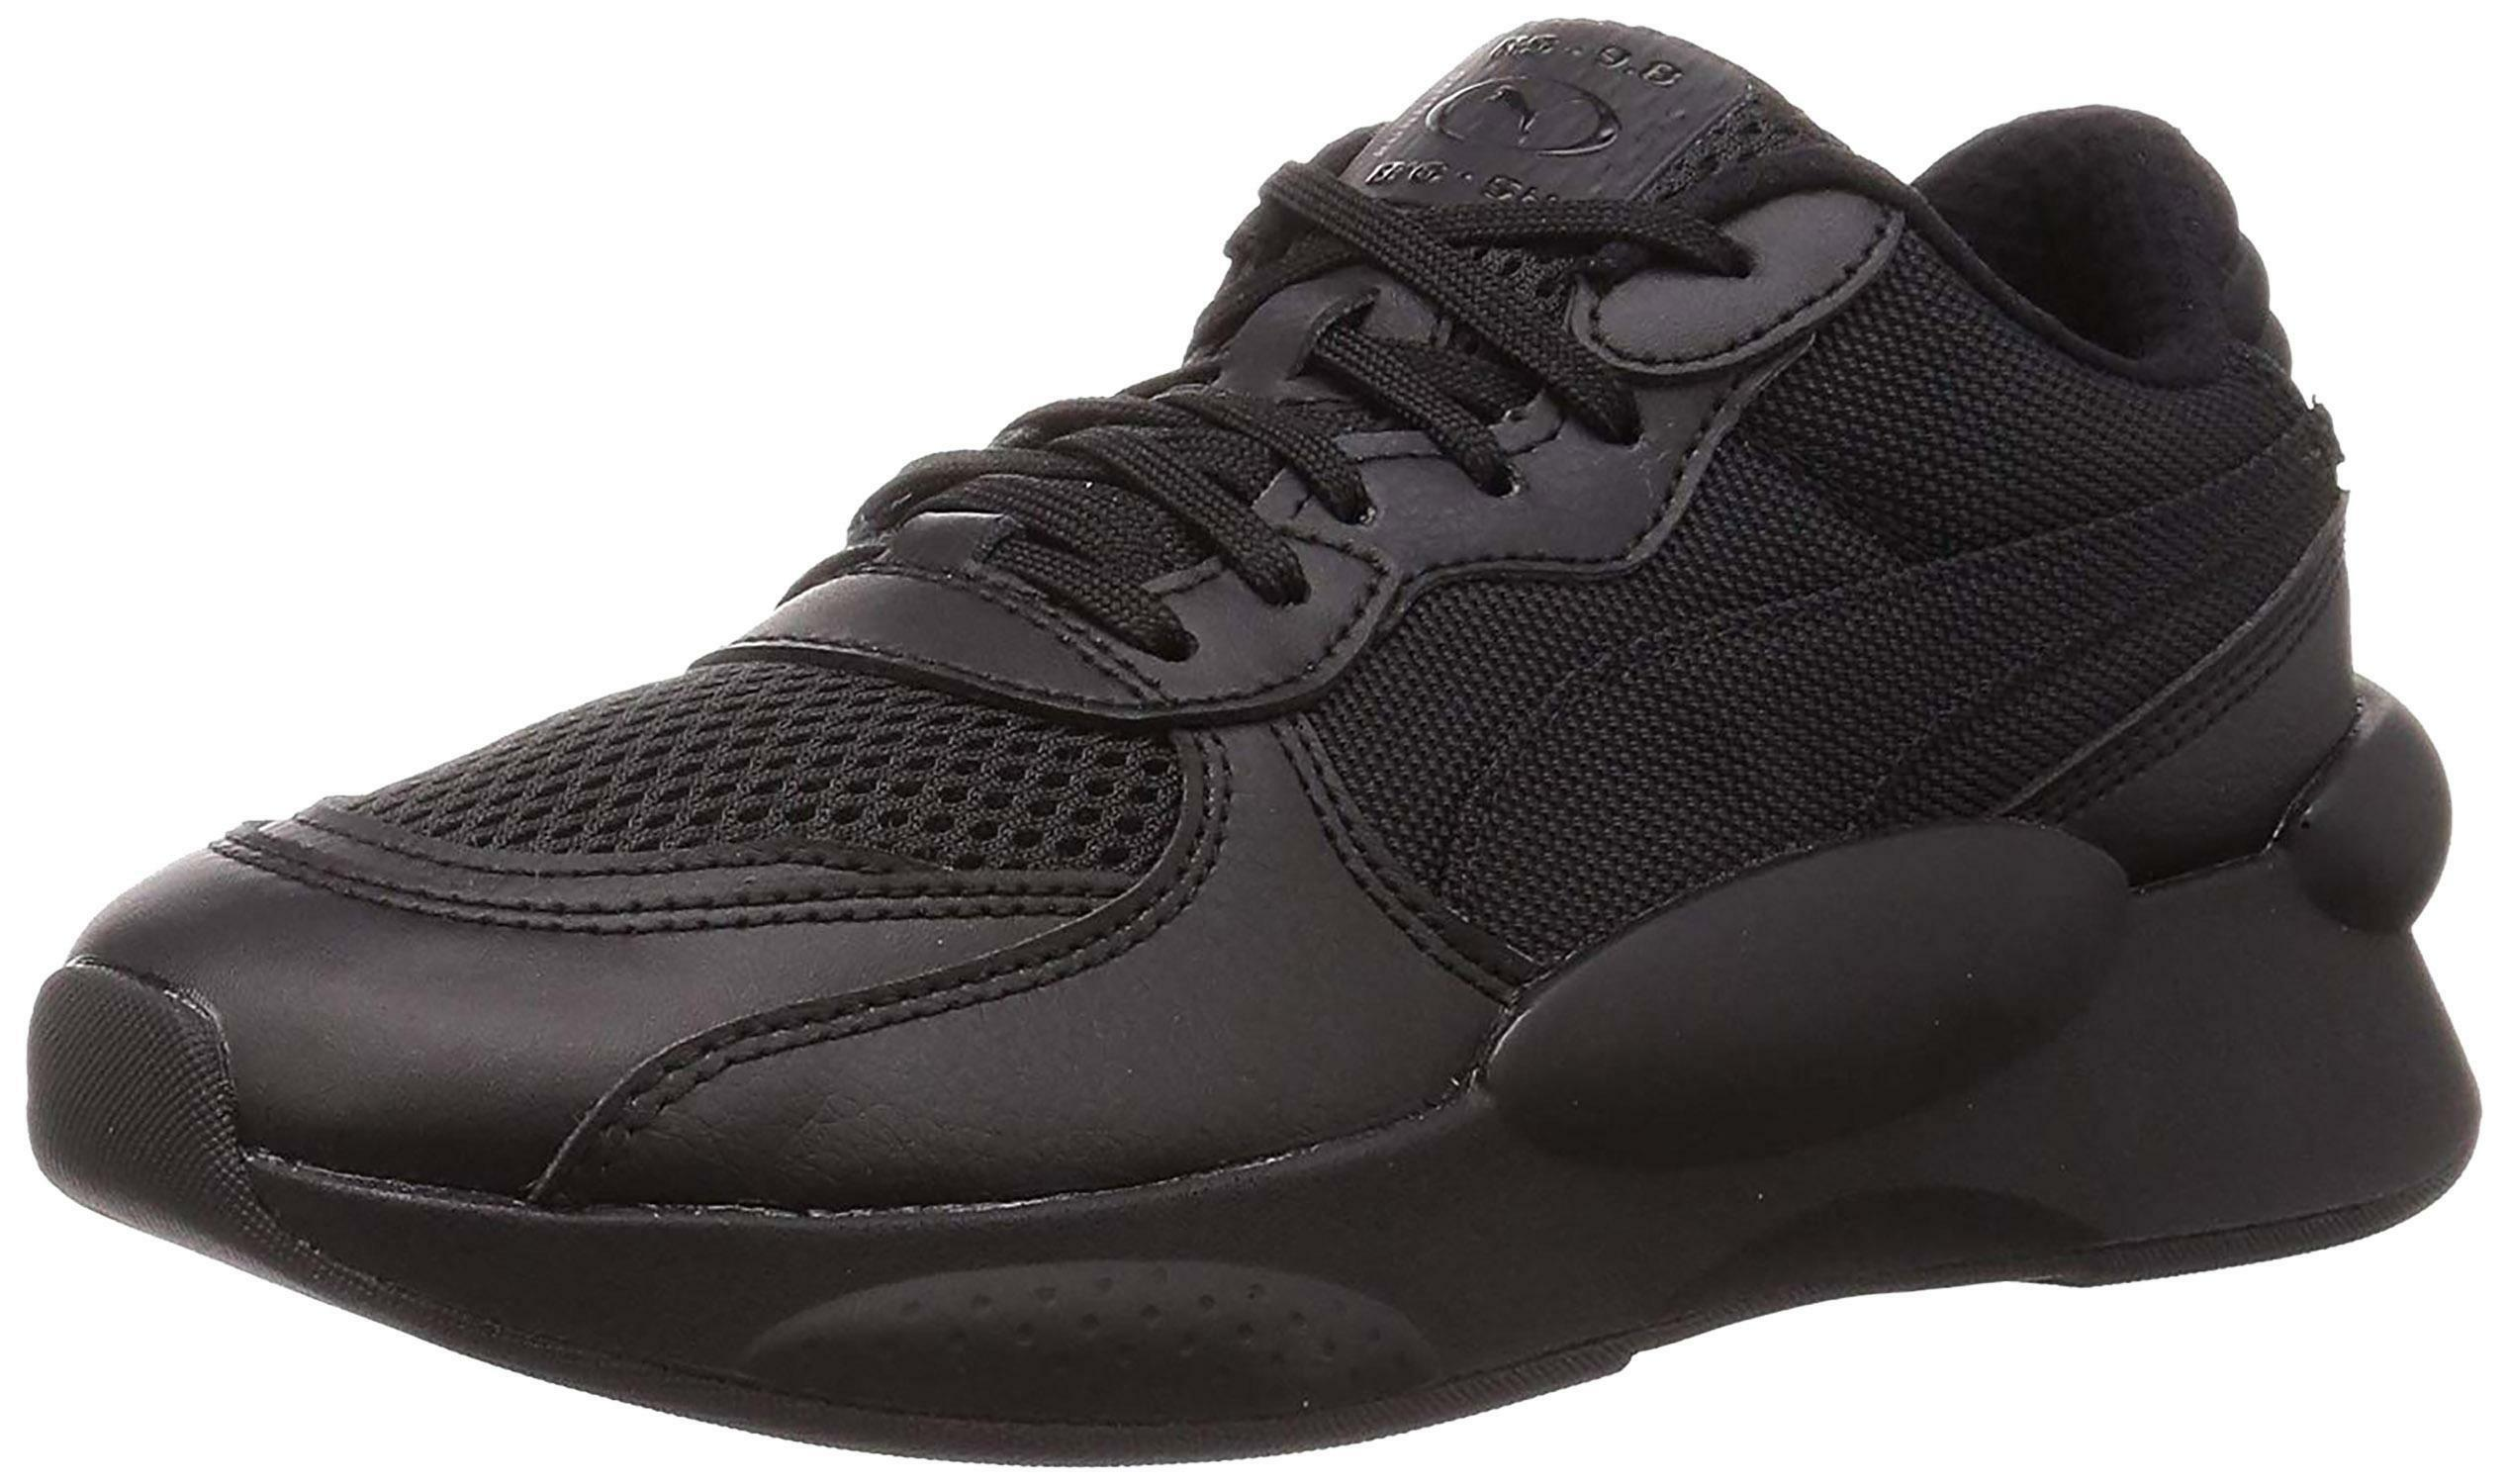 più foto 919cd fa2e1 Puma rs 9.8 core scarpe sportive uomo nere 37036802